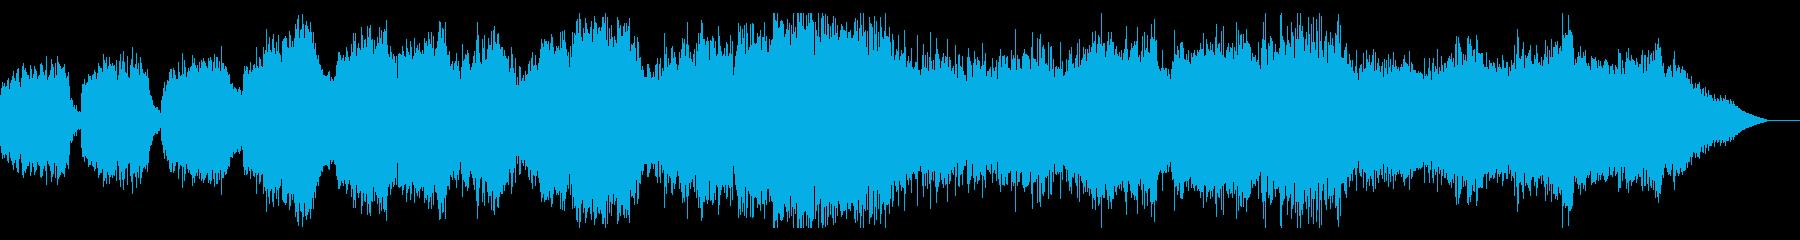 ダークでシネマチックなBGMの再生済みの波形